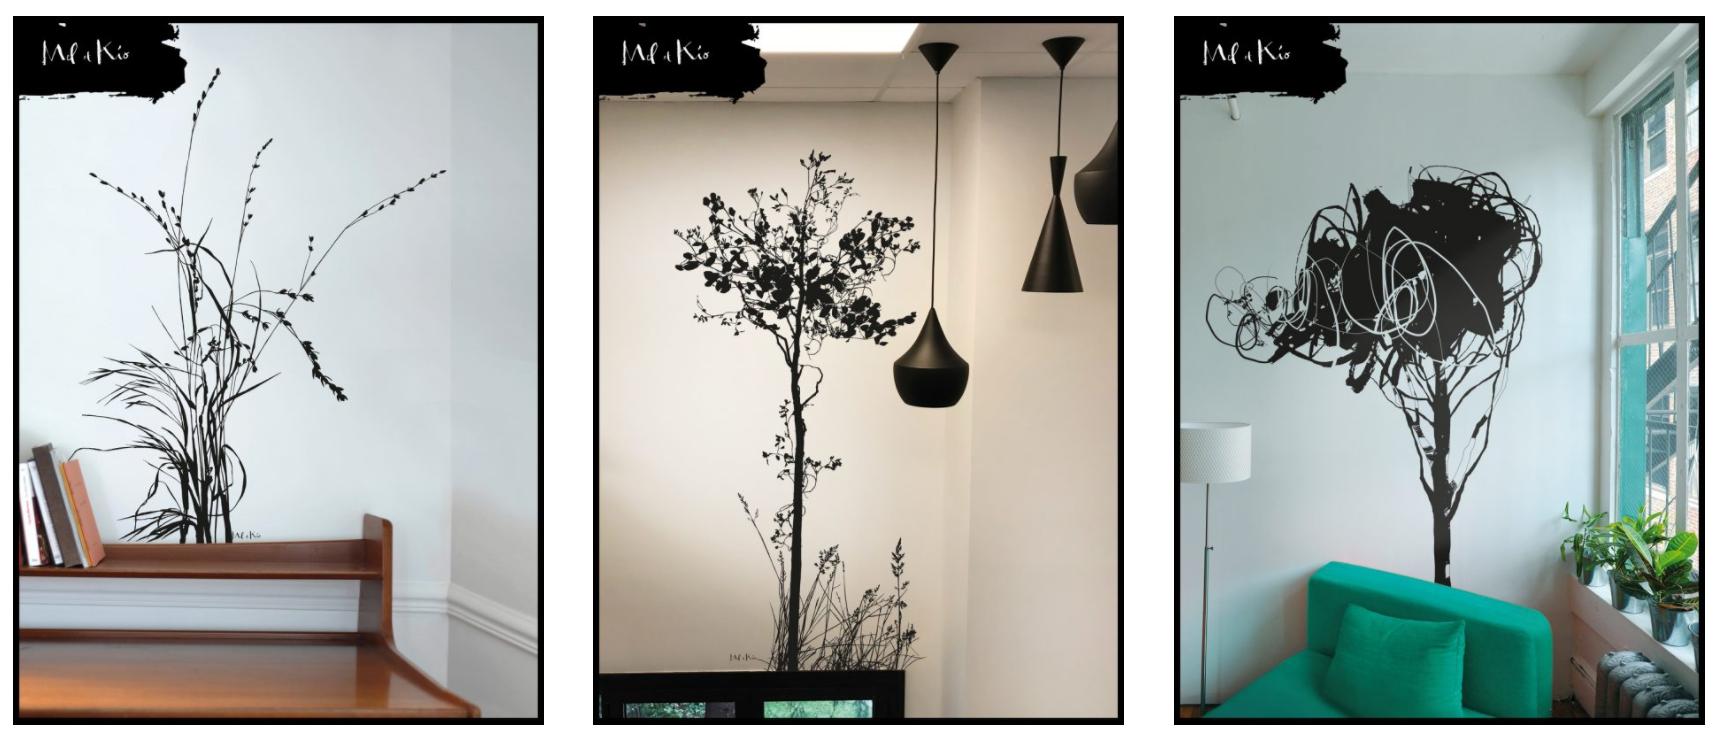 L 39 art mural en d coration int rieure de mel et kio - Decoration interieure originale ...